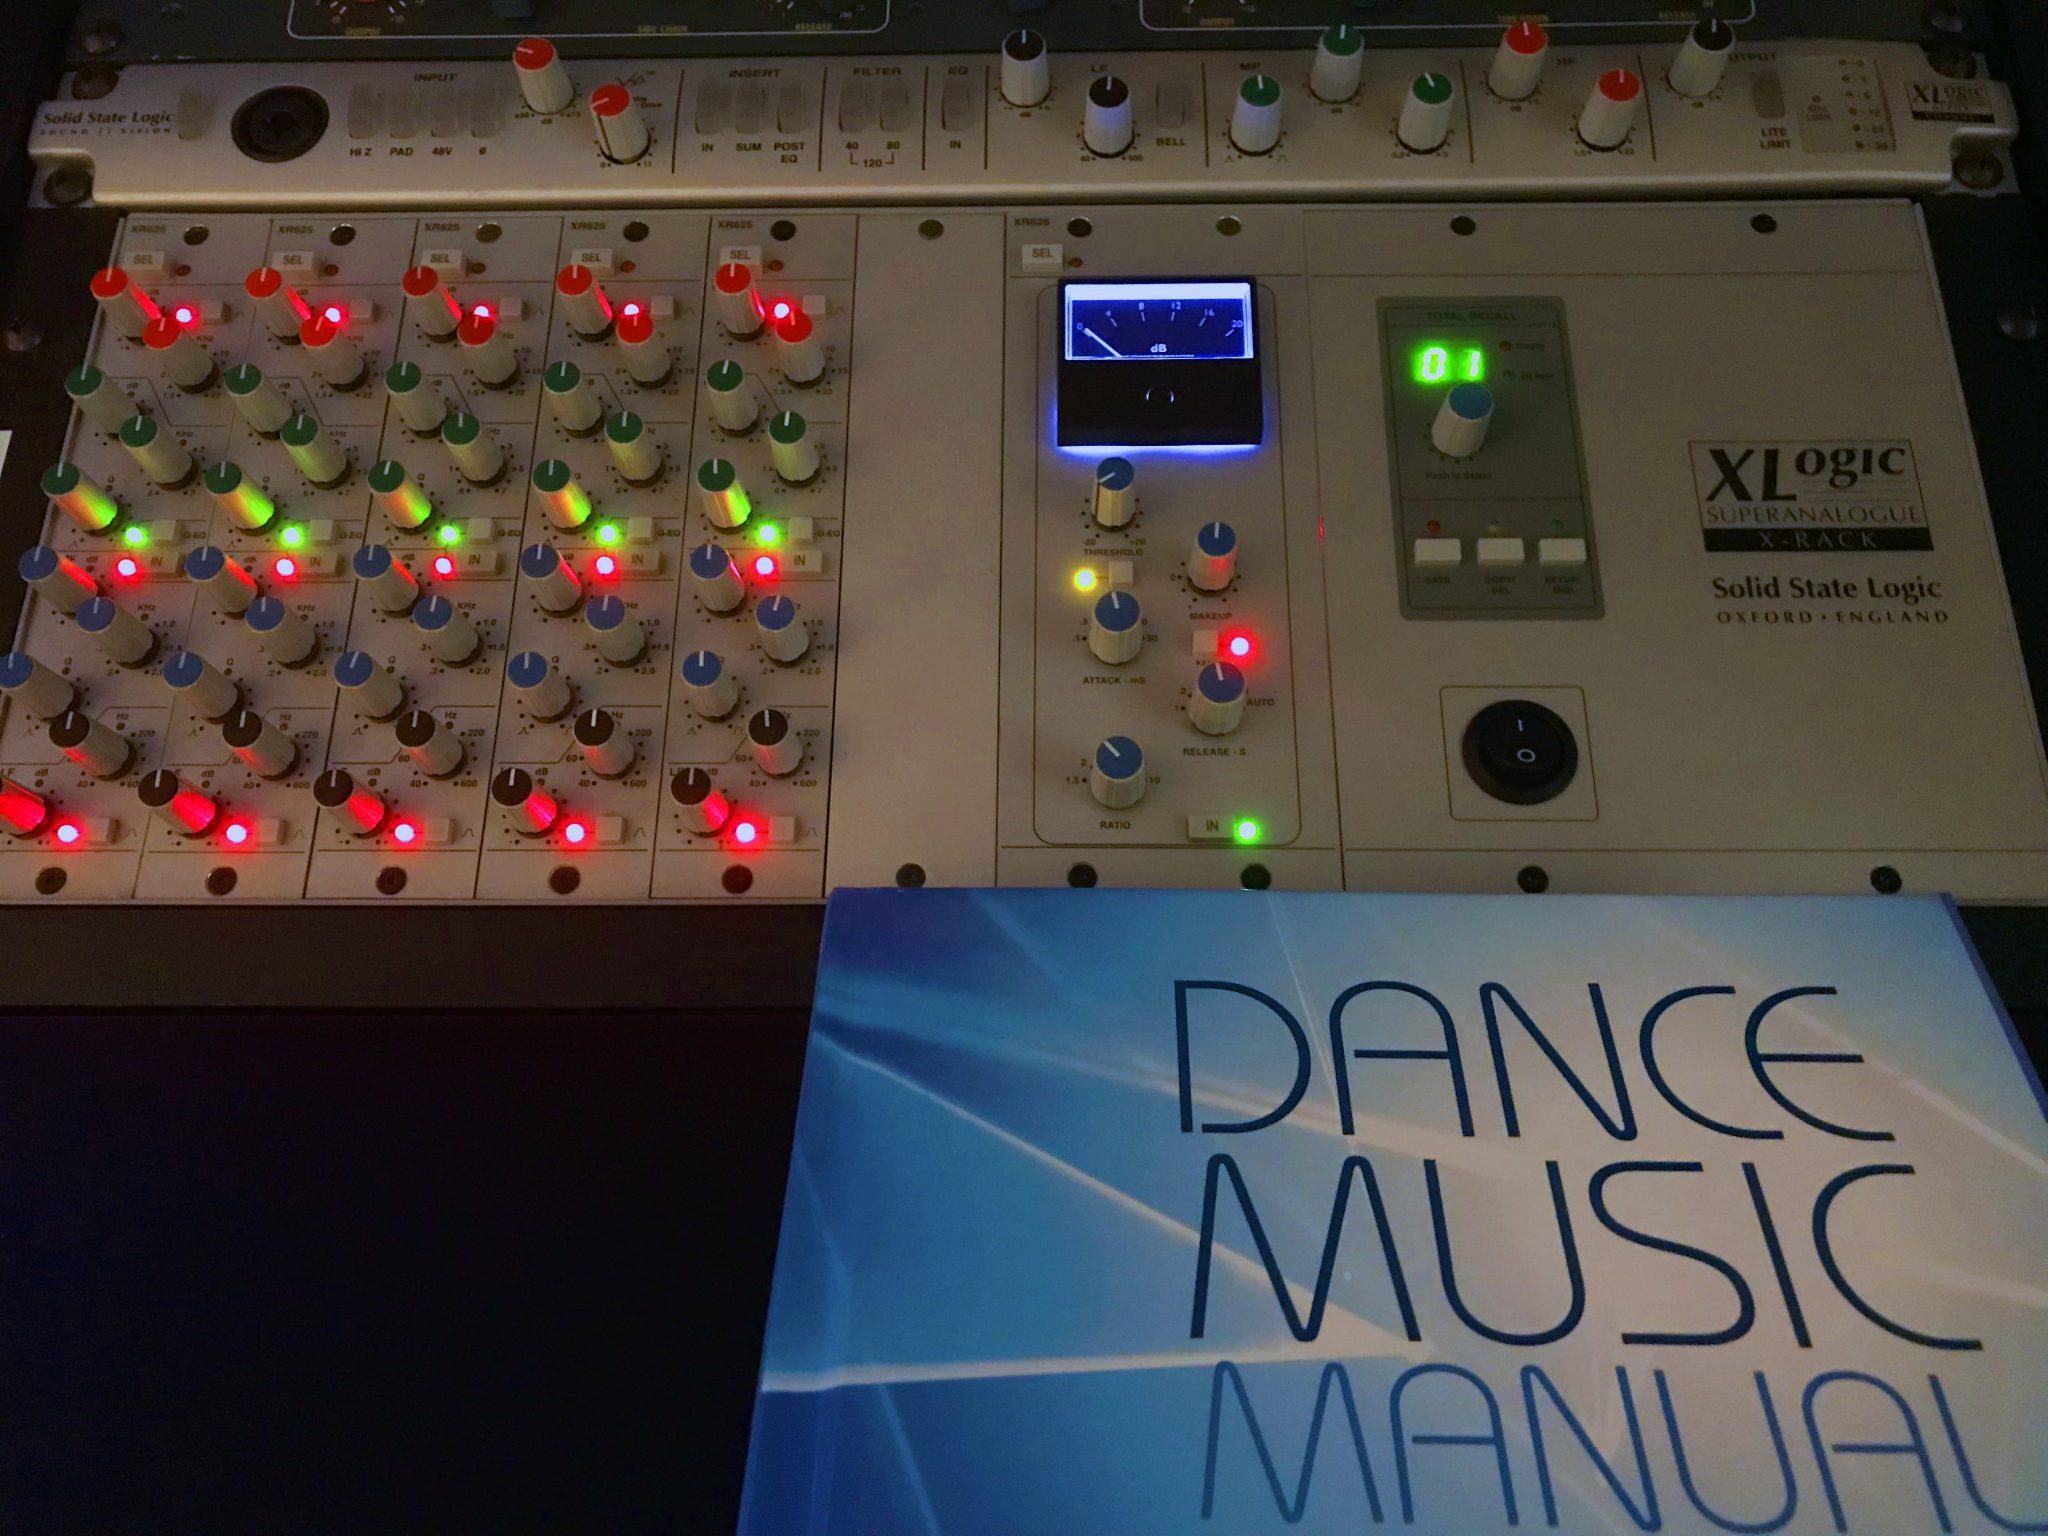 DMP - Dance Music Production